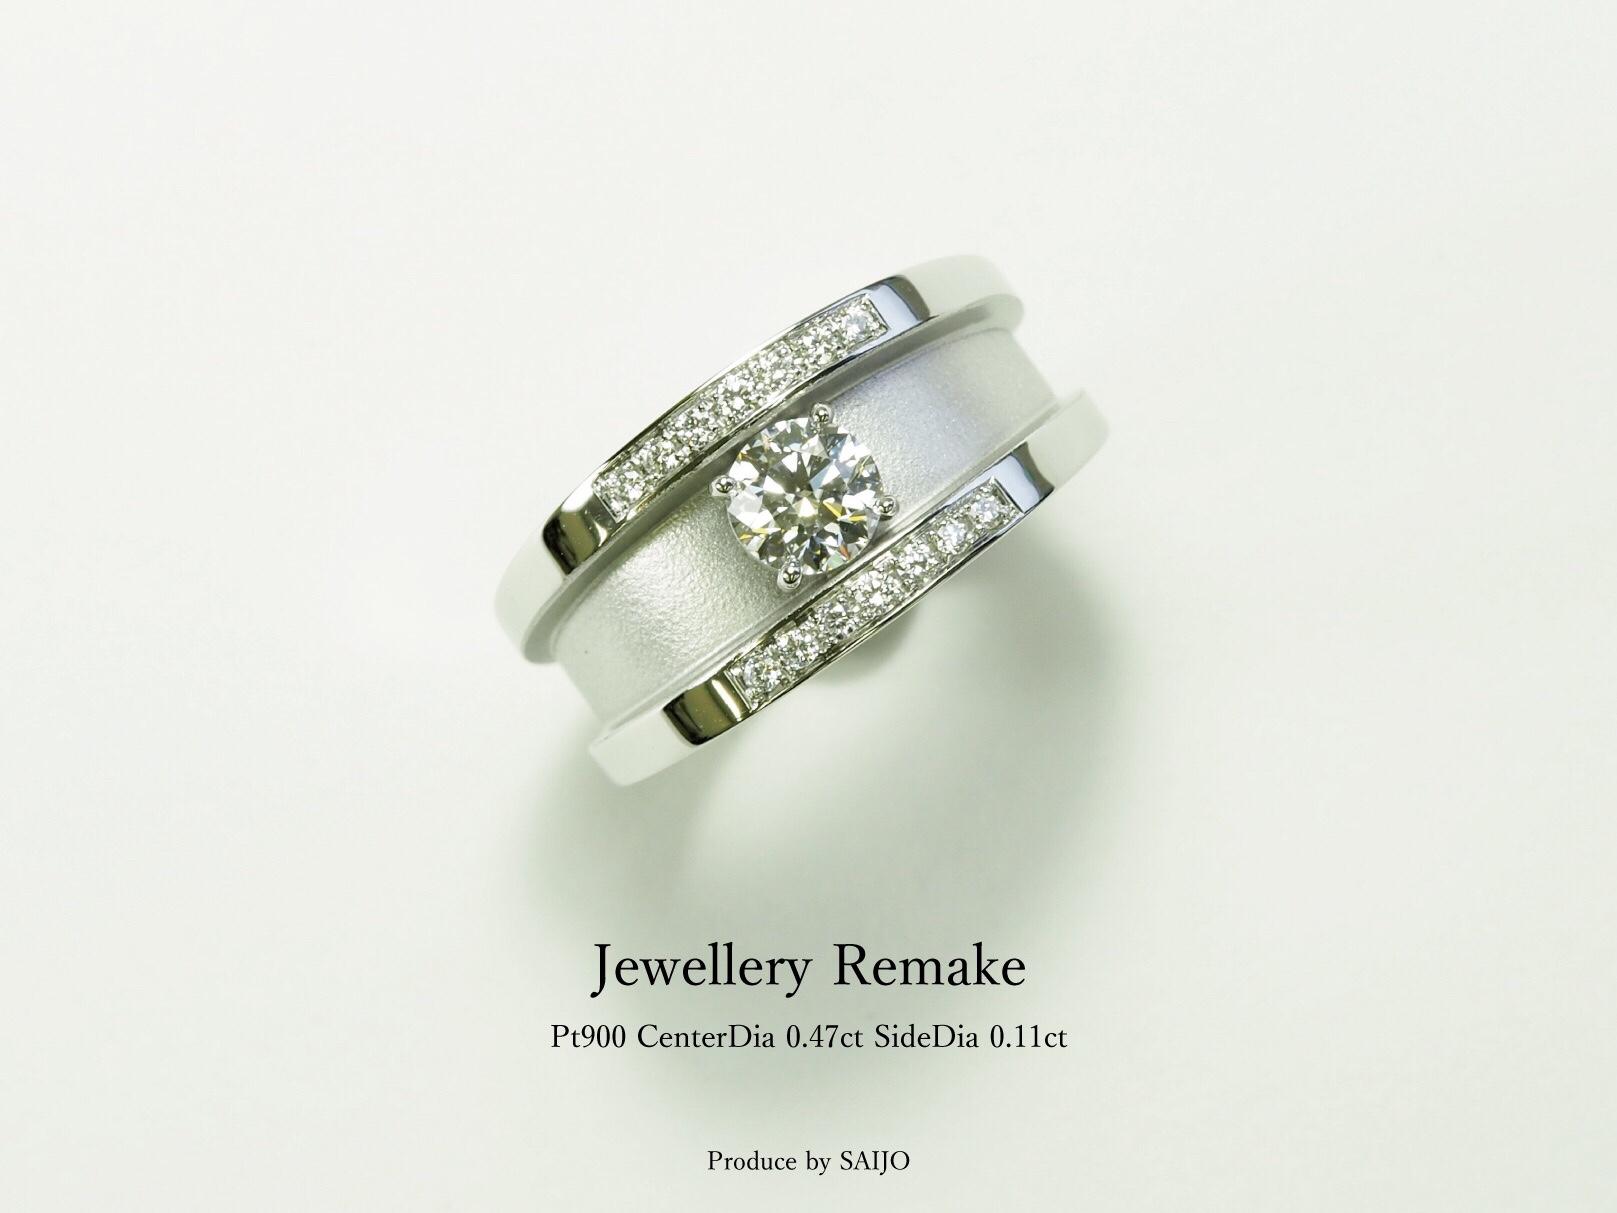 リフォームジュエリー リメイク リモデル 指輪 修理 プラチナ ごつめ ダイヤモンド SAIJO 森拓郎